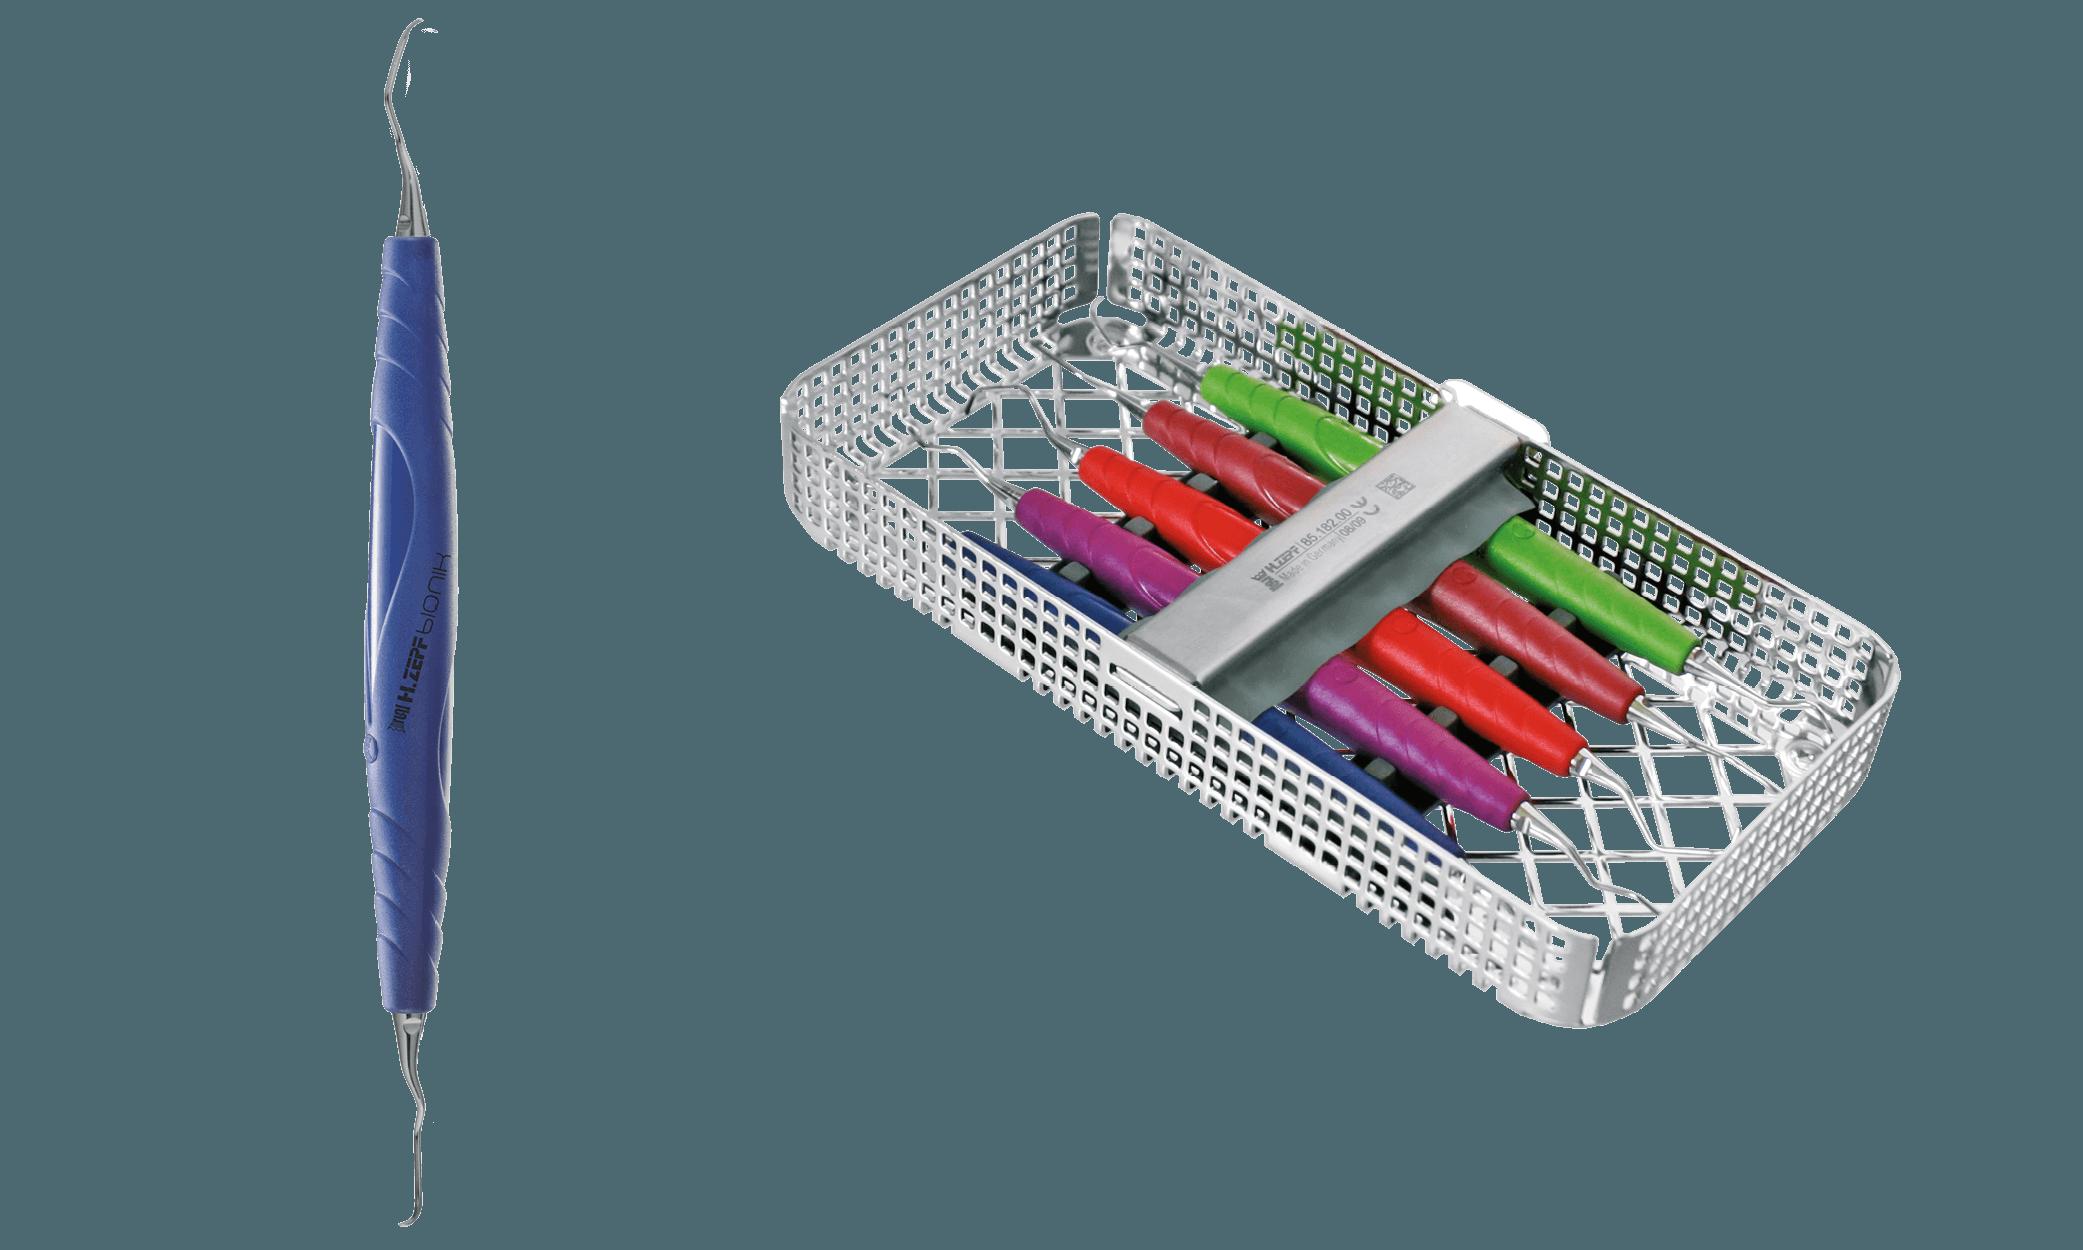 24.990.50 cikkszámú 'Gracey' Prophylaxis Set (jobb oldal) és a készlet egyik Curette eszköze kobalkék Bionik nyéllel (bal oldalt)